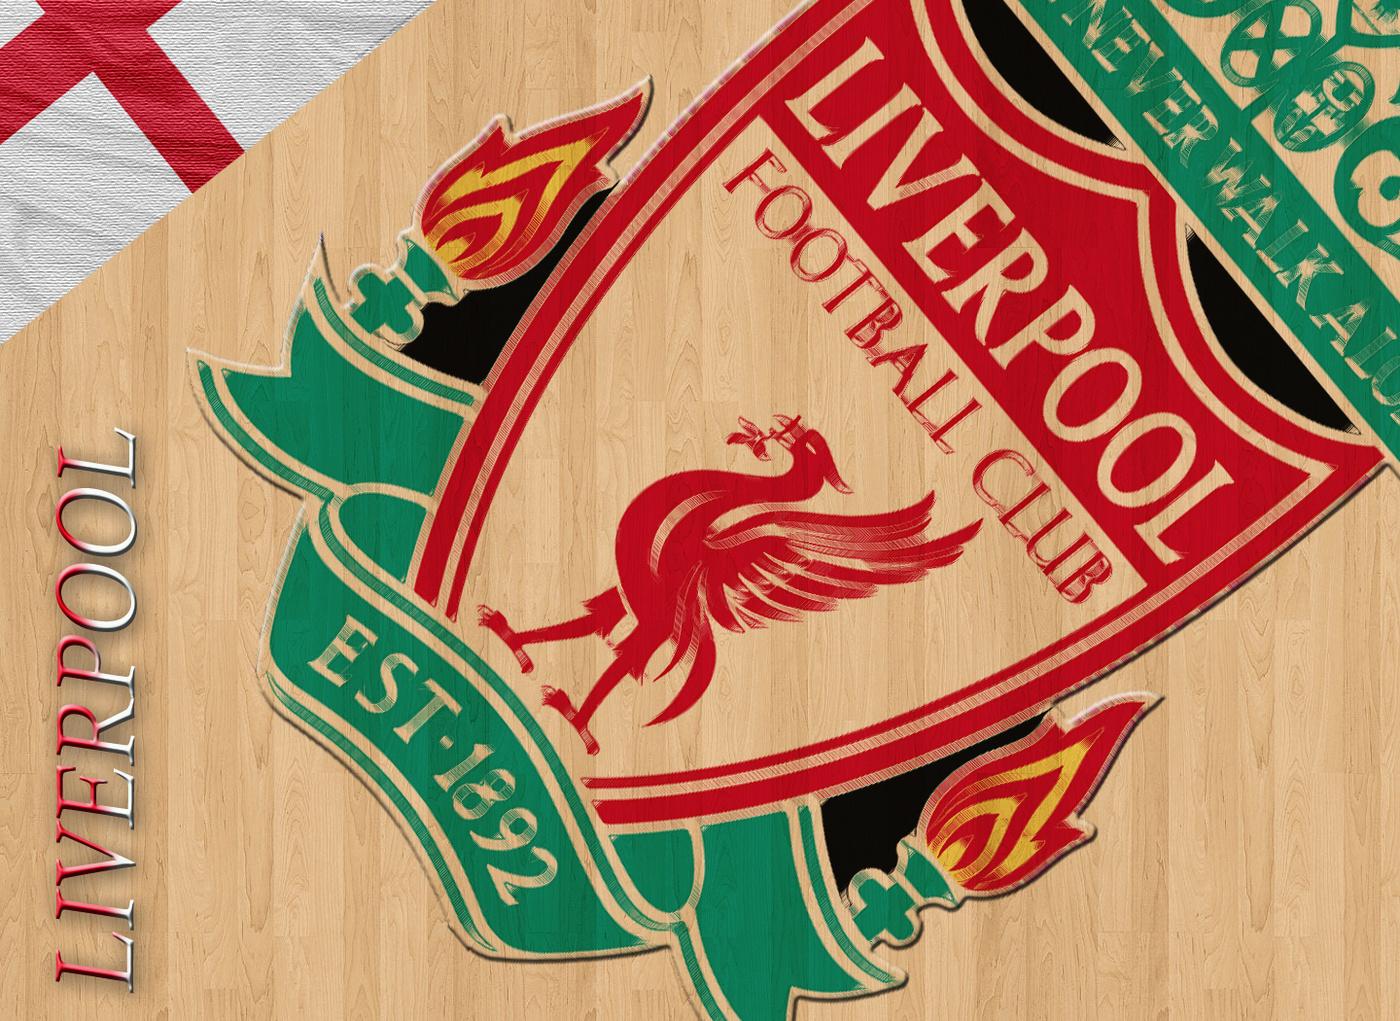 http://4.bp.blogspot.com/-ko60kZcpn2o/UK5_E2LyA0I/AAAAAAAAK8Q/ciuBGX8EXTs/s1600/liverpoolfc-logo-wallpaper-2012+06.jpg